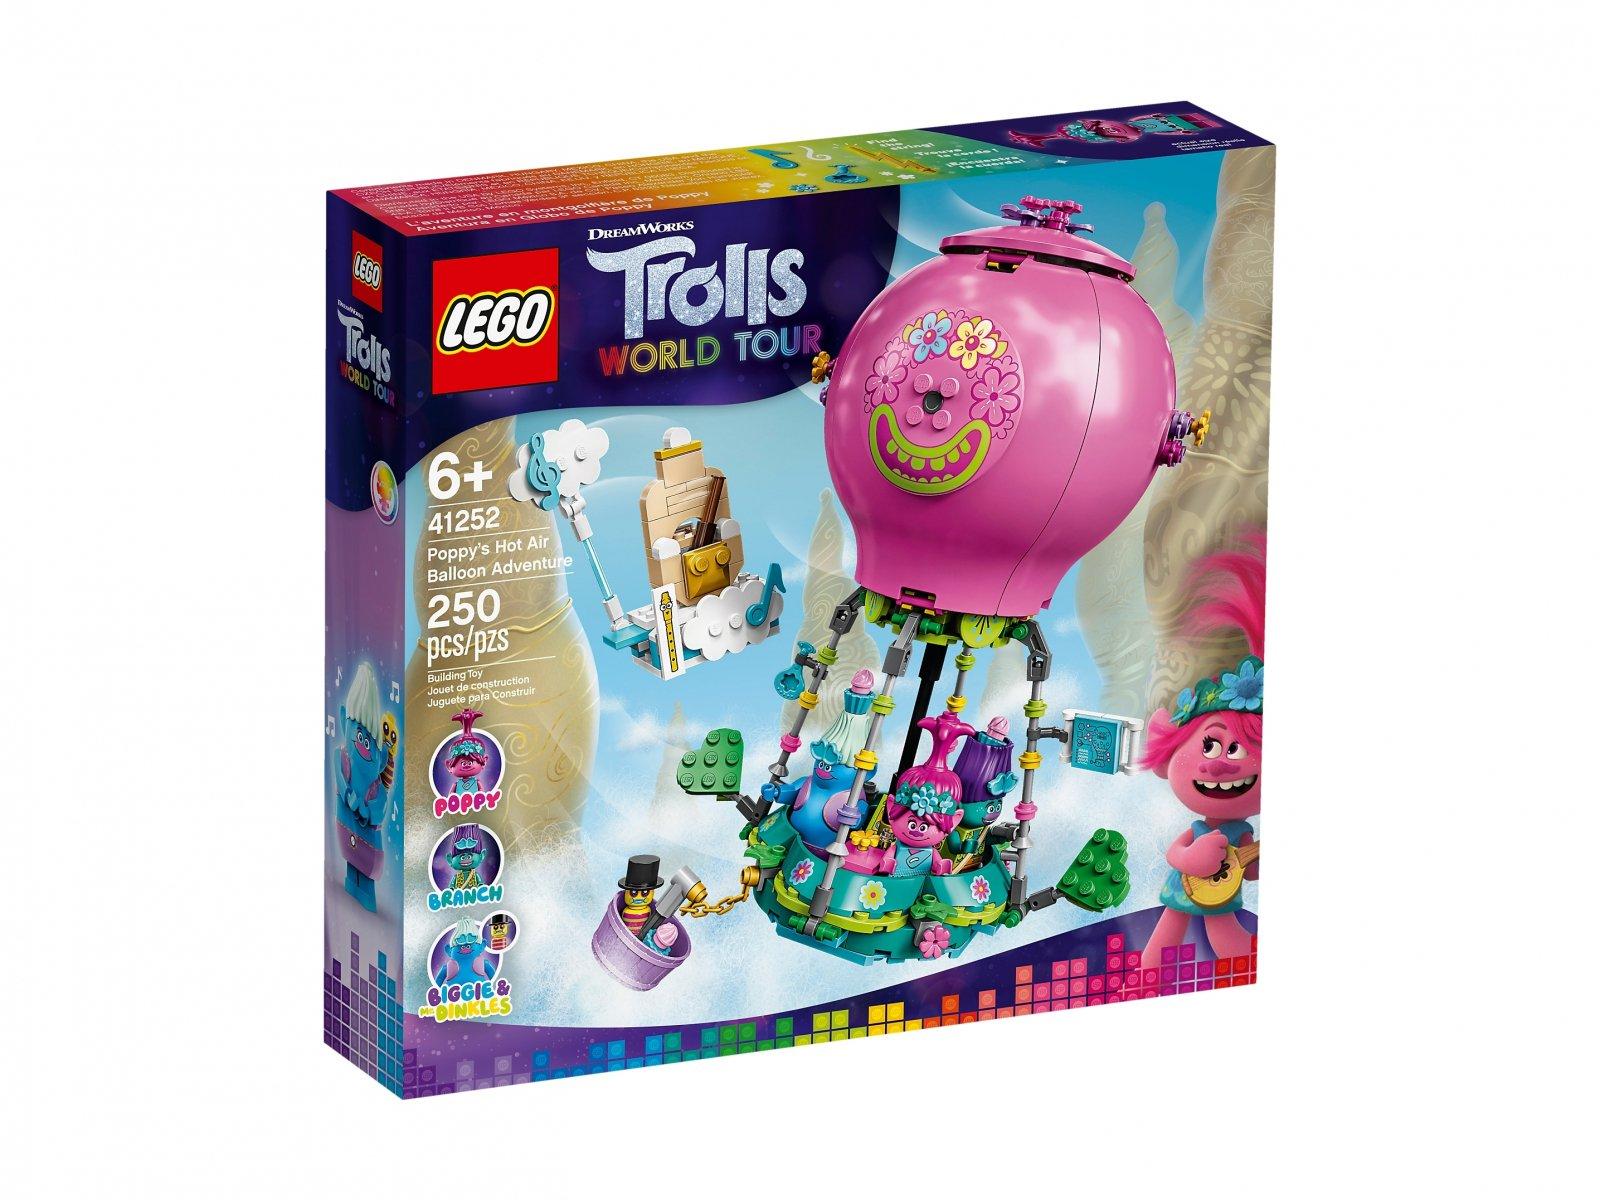 LEGO 41252 Trolls World Tour Przygoda Poppy w balonie